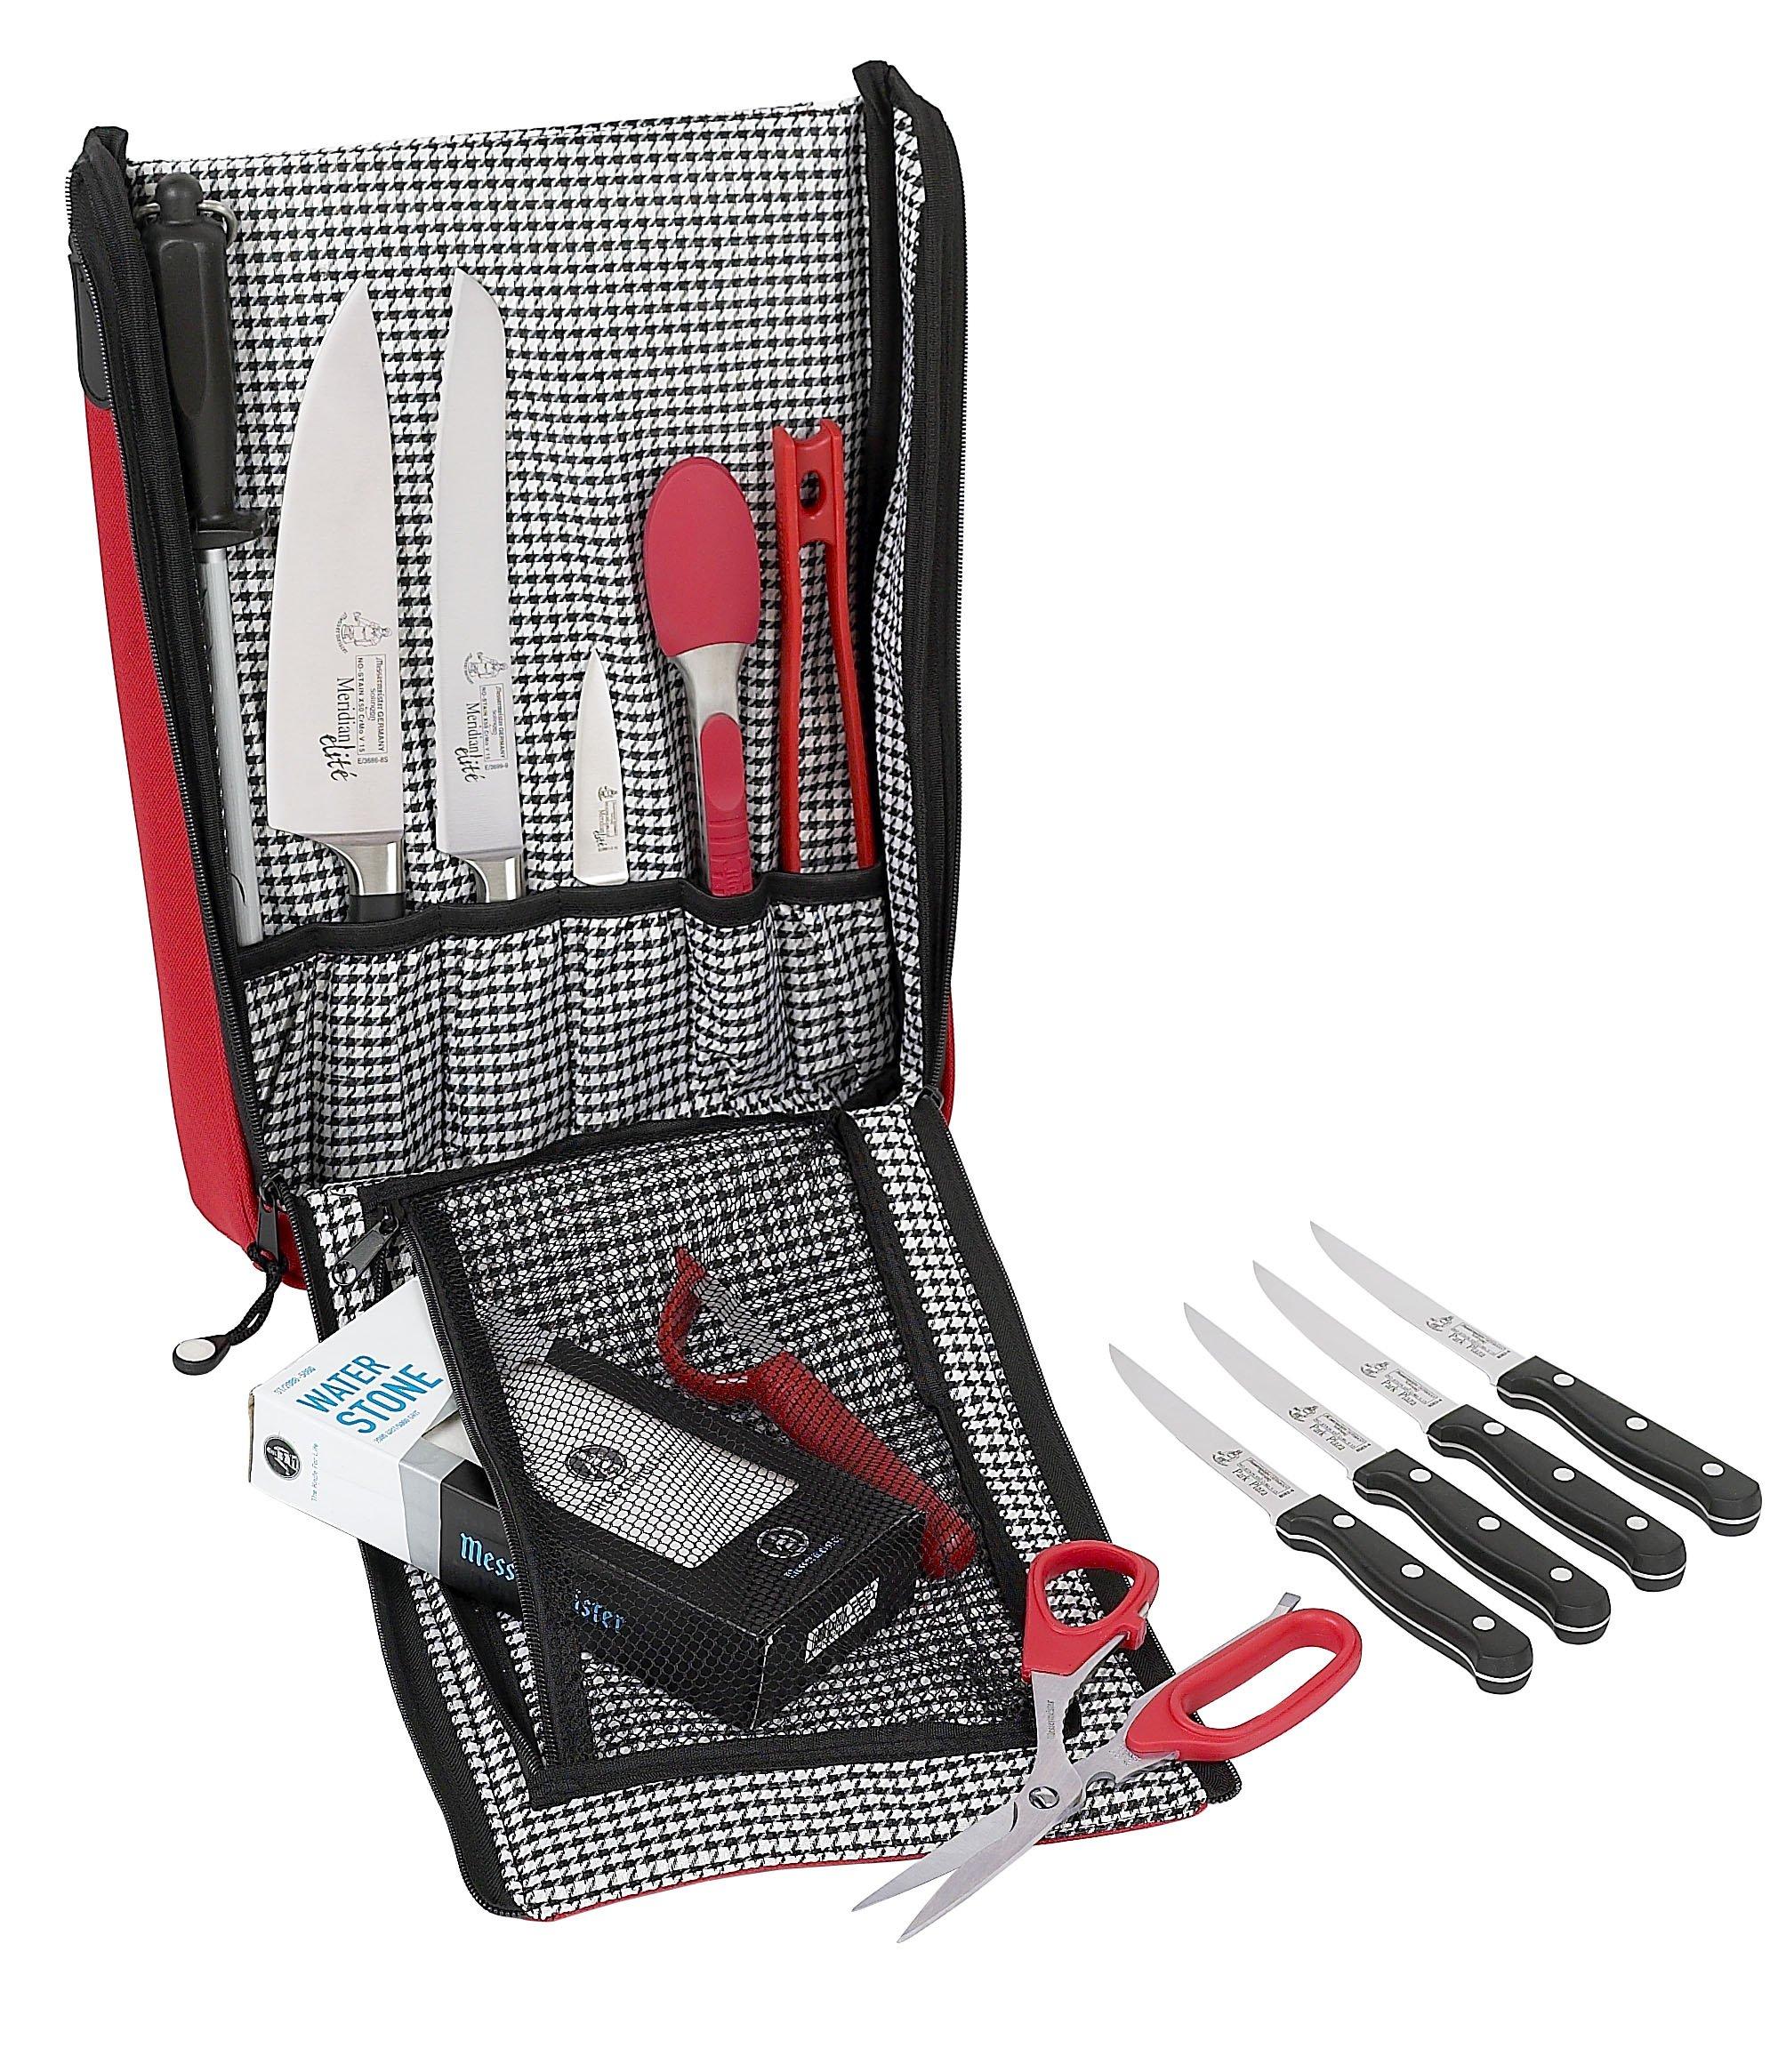 Messermeister 6-Pocket Messenger Knife Bag, Red